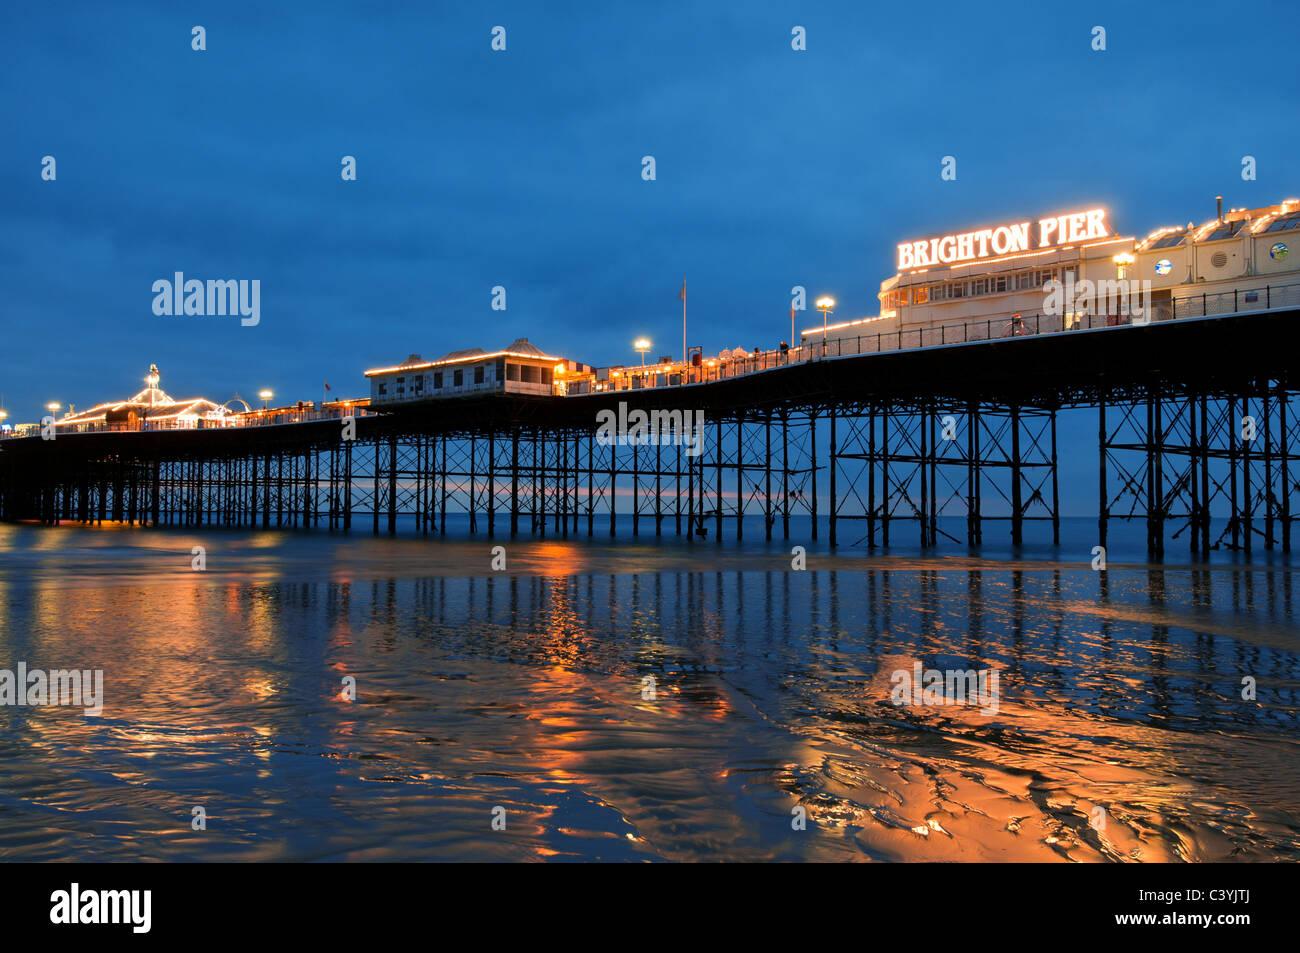 Il Brighton Pier,sussex,l'Inghilterra,uk,corsa,l'Europa,space,costa,beach,pier,victorian,notte,Tramonto, Immagini Stock